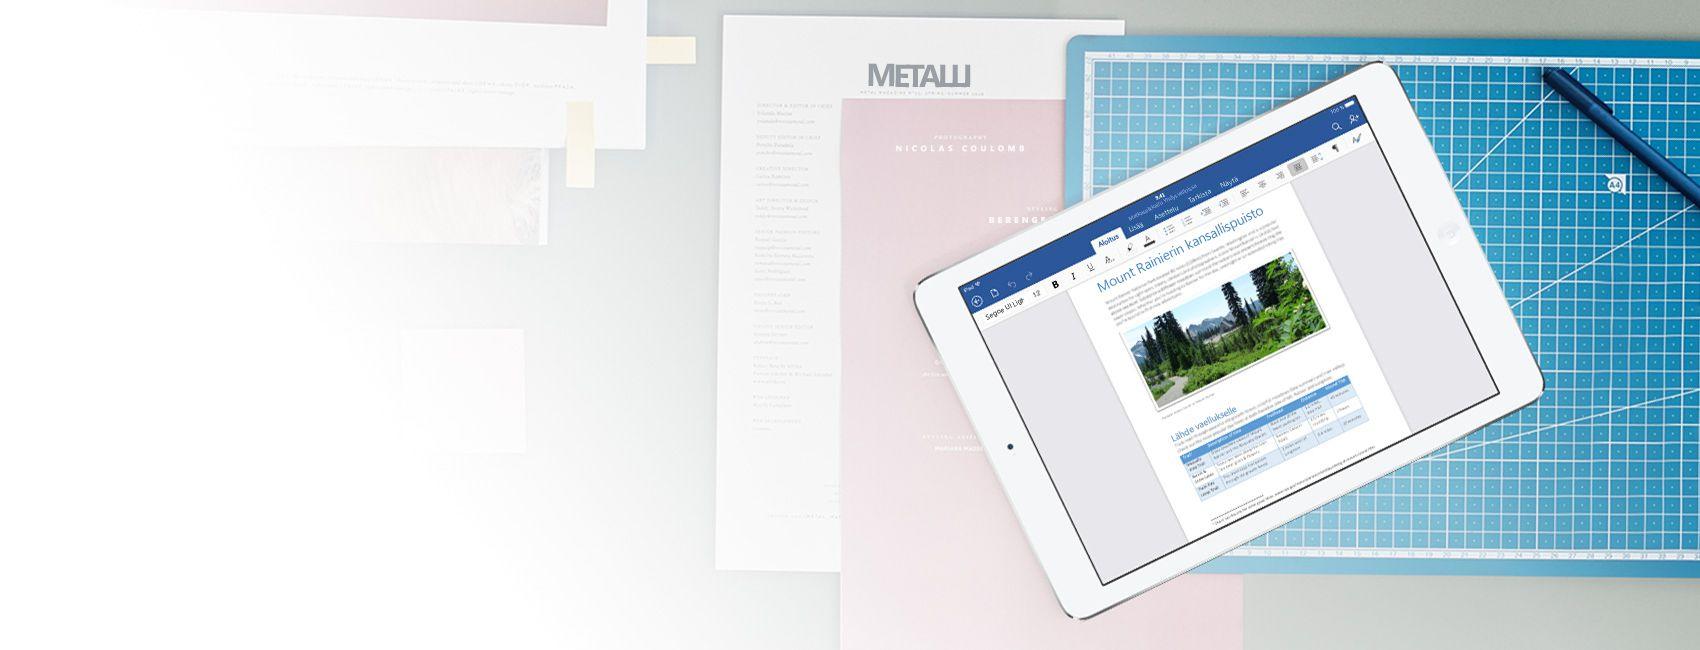 iPad, jossa näkyy Mount Rainier National Park -puistoa käsittelevä Word-asiakirja iOS:n Word-sovelluksessa